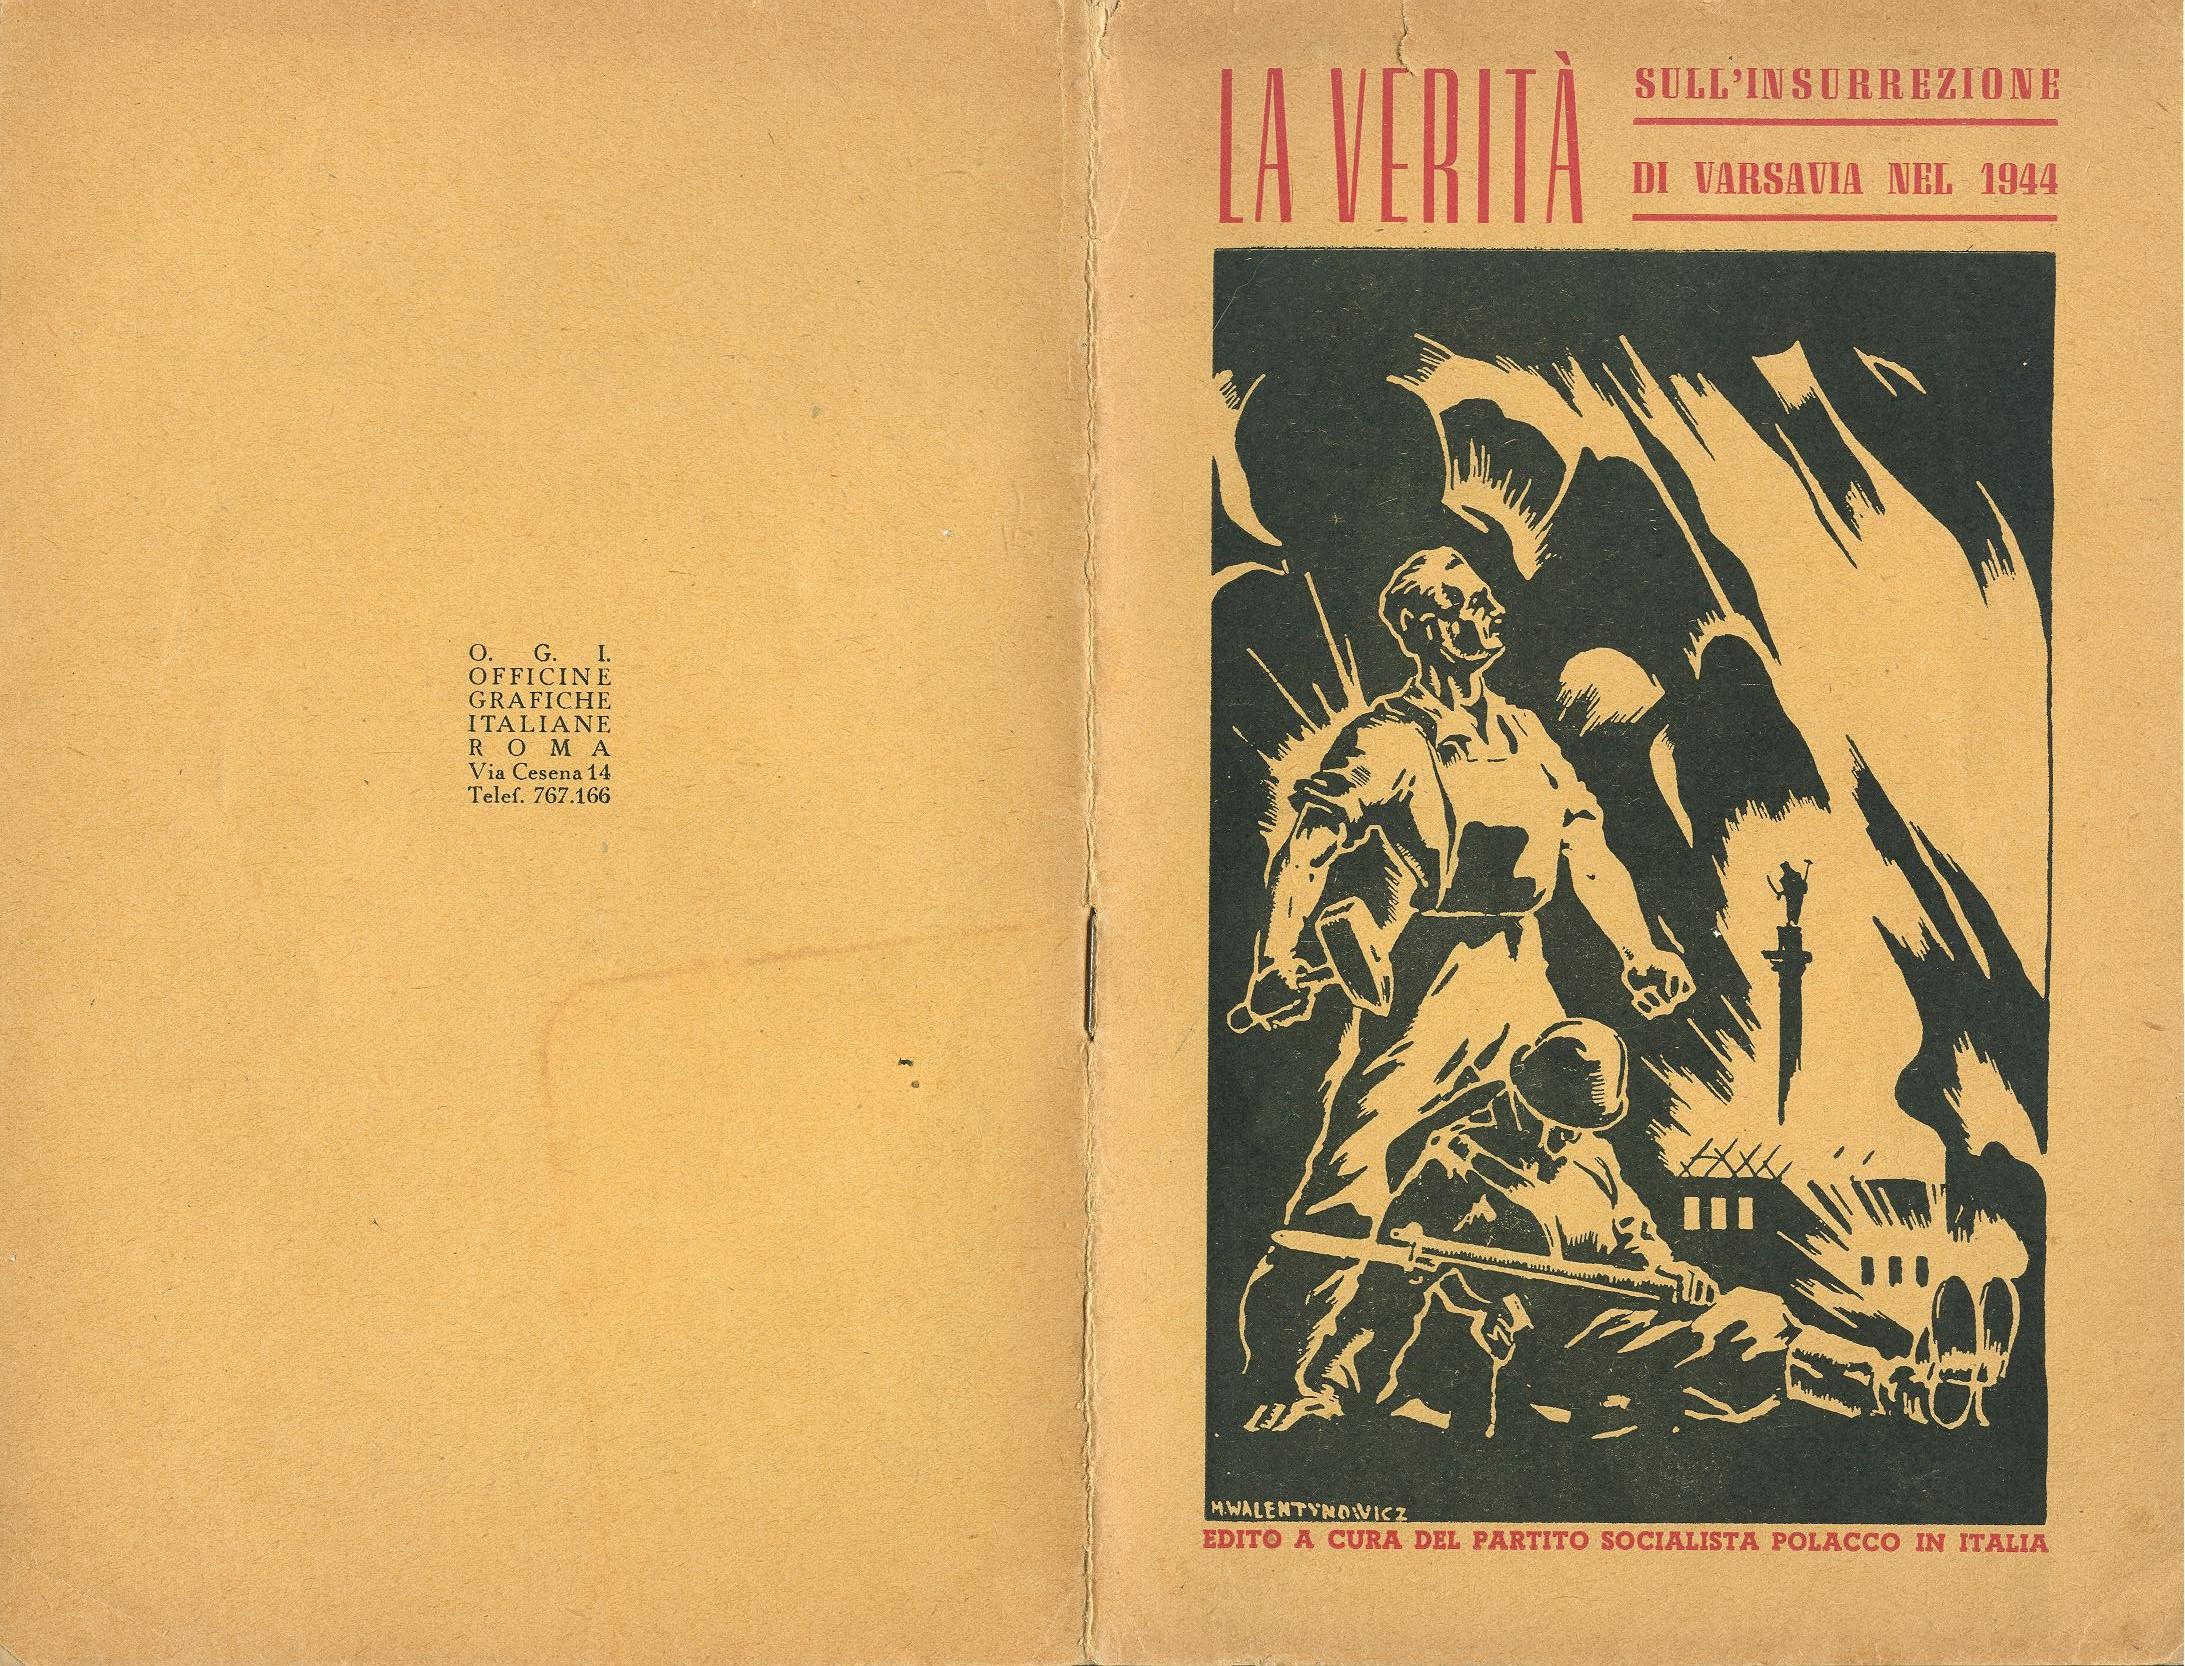 Zygmunt Zaremba, La verità sull'insurrezione di Varsavia nel 1944 (1946) - pag. 1